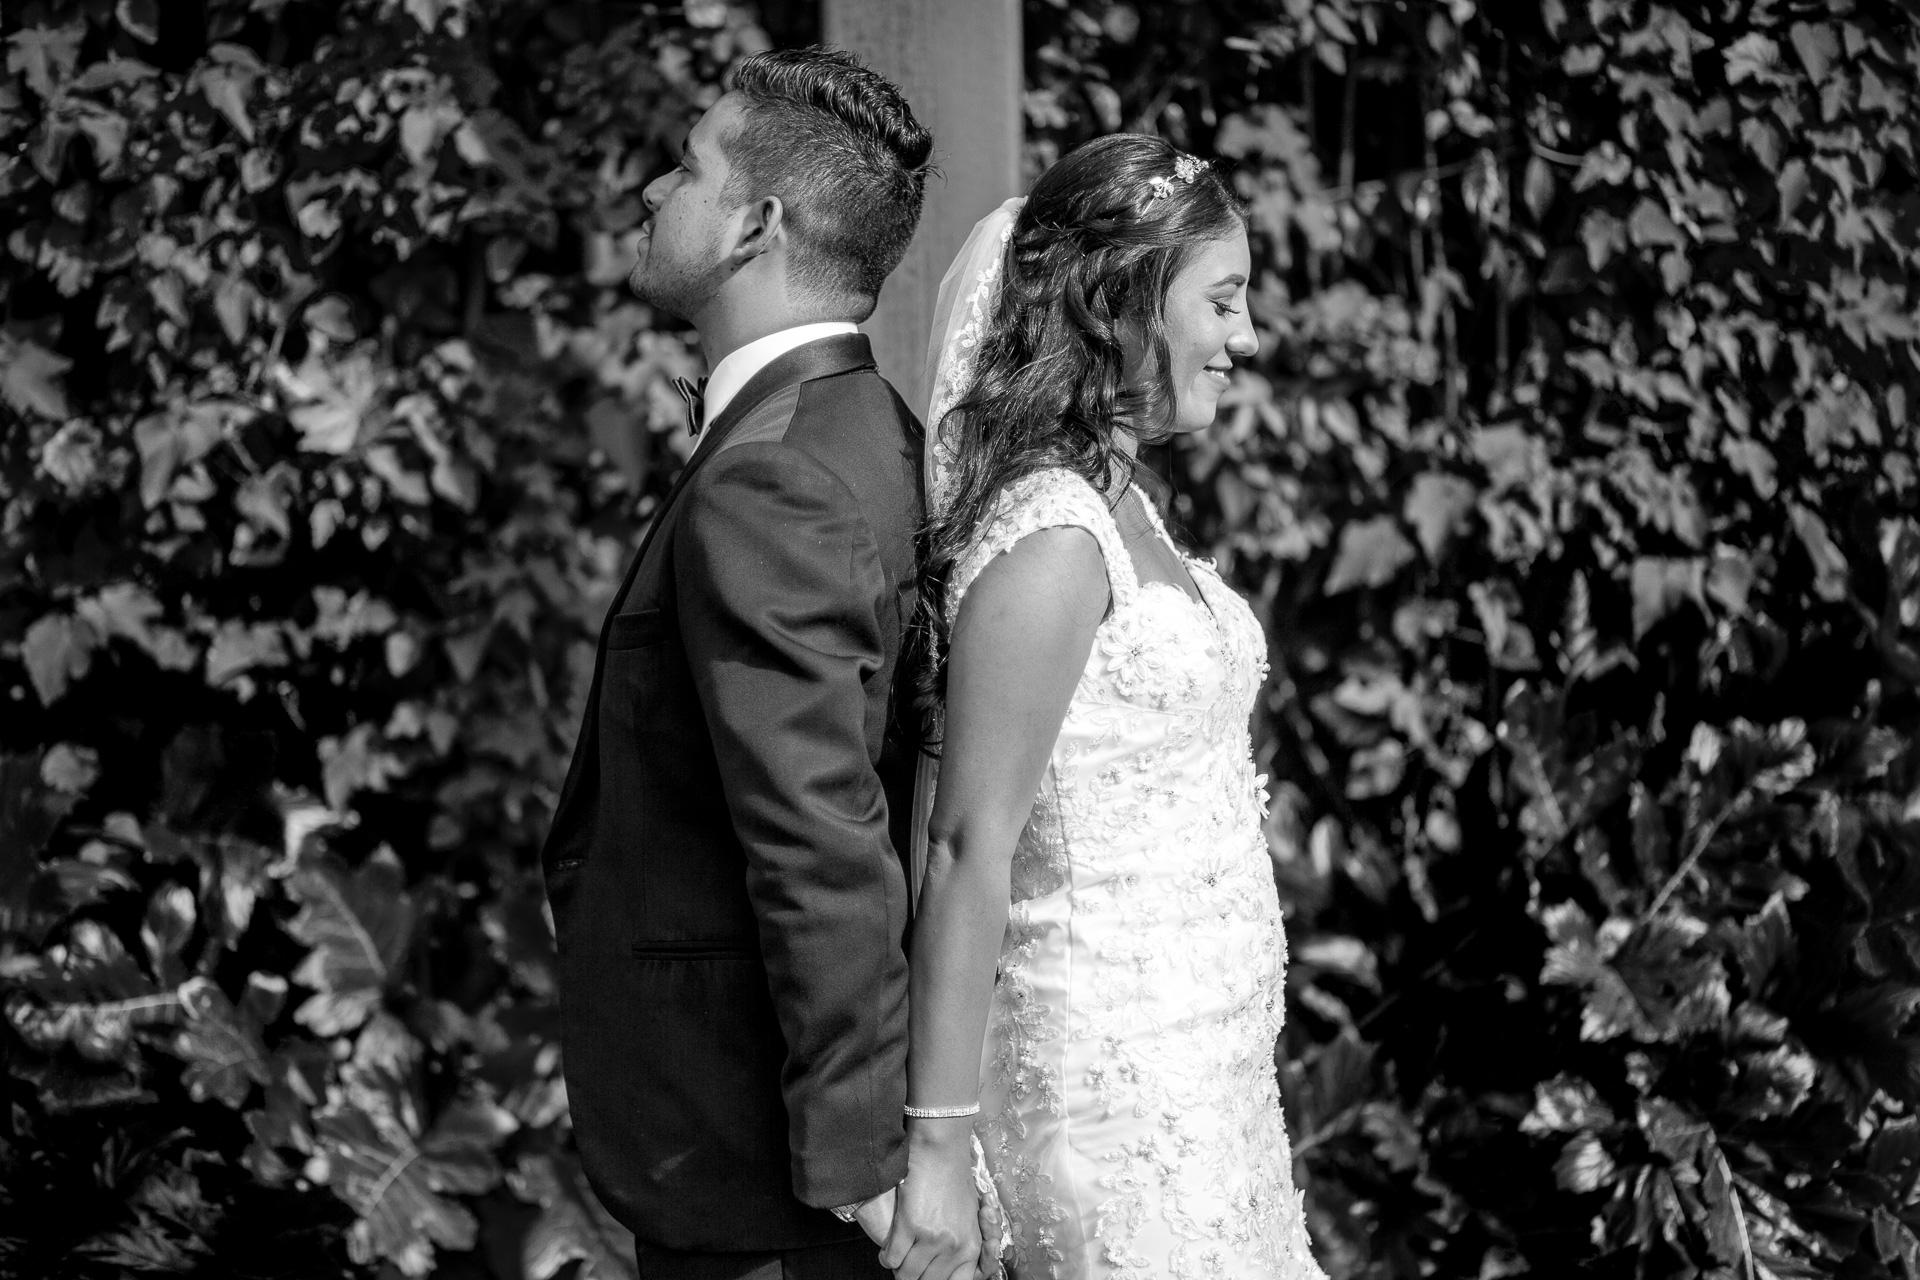 Fotógrafos-de-bodas-en-Colombia-Alejandro-y-Angelica-17 ALEJANDRO + ANGELICA